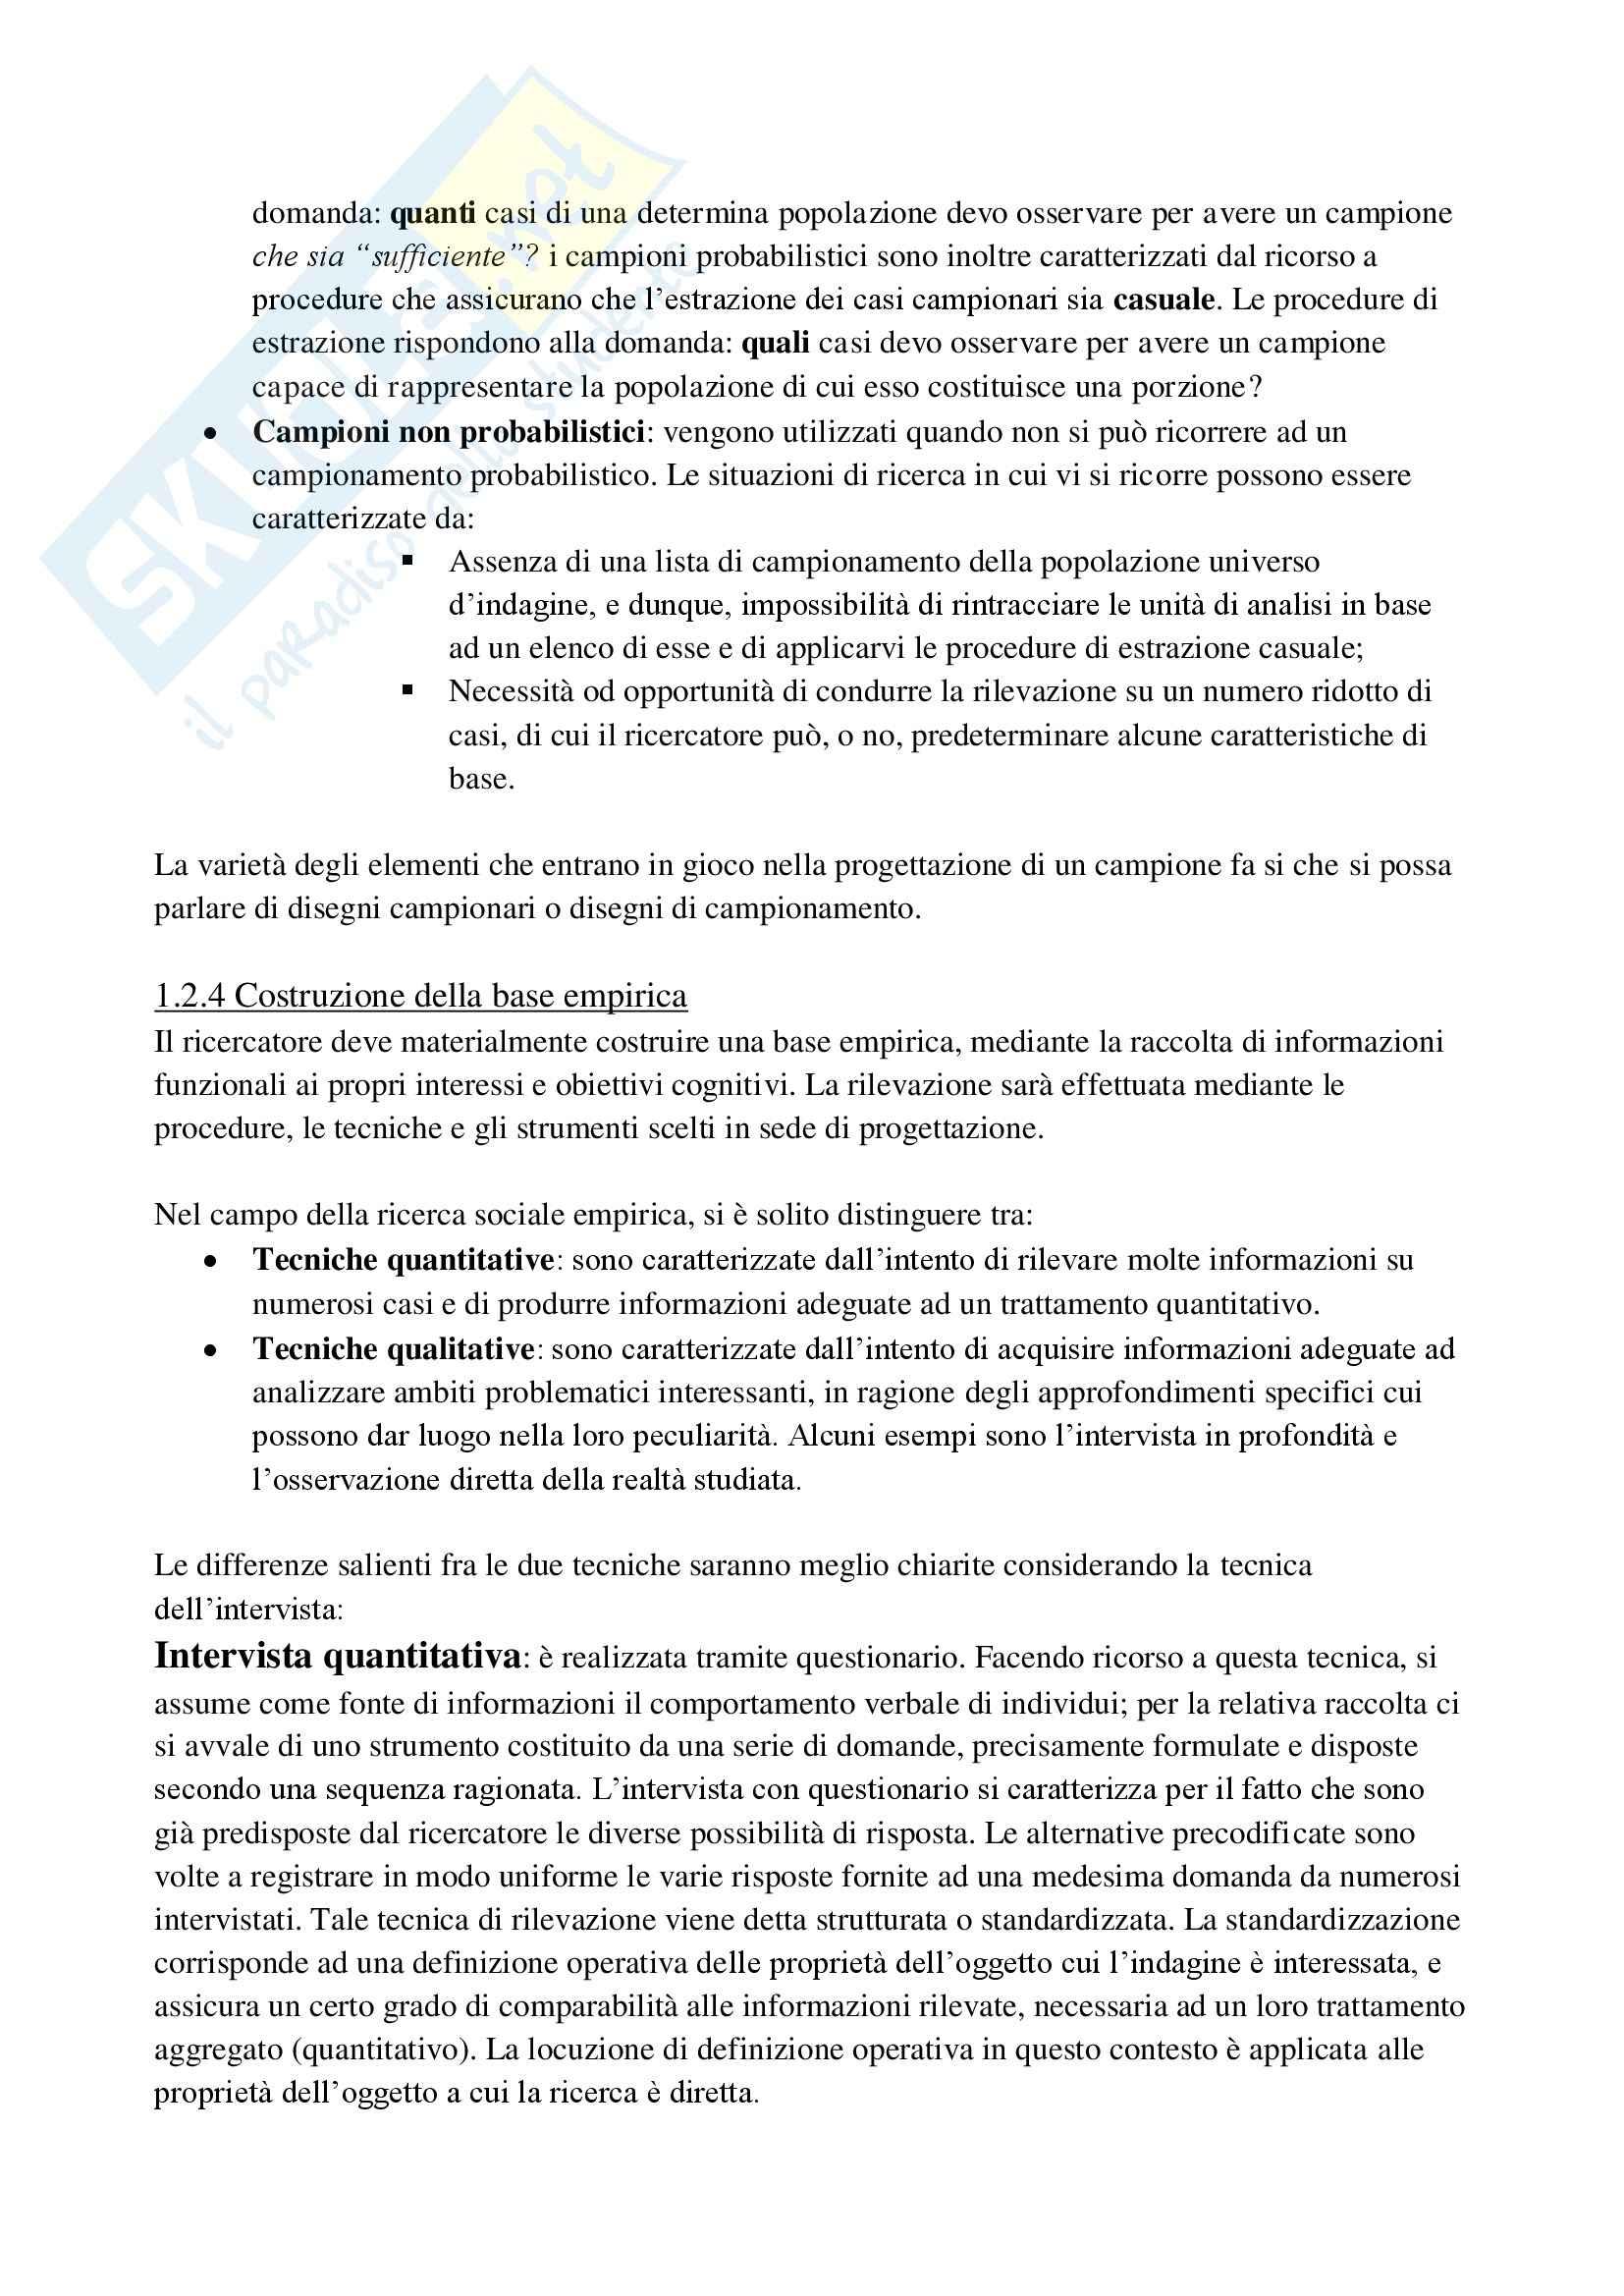 Riassunto esame Metodologia, prof. Fasanella, libro consigliato Il disegno della ricerca sociale, Agnolli Pag. 6